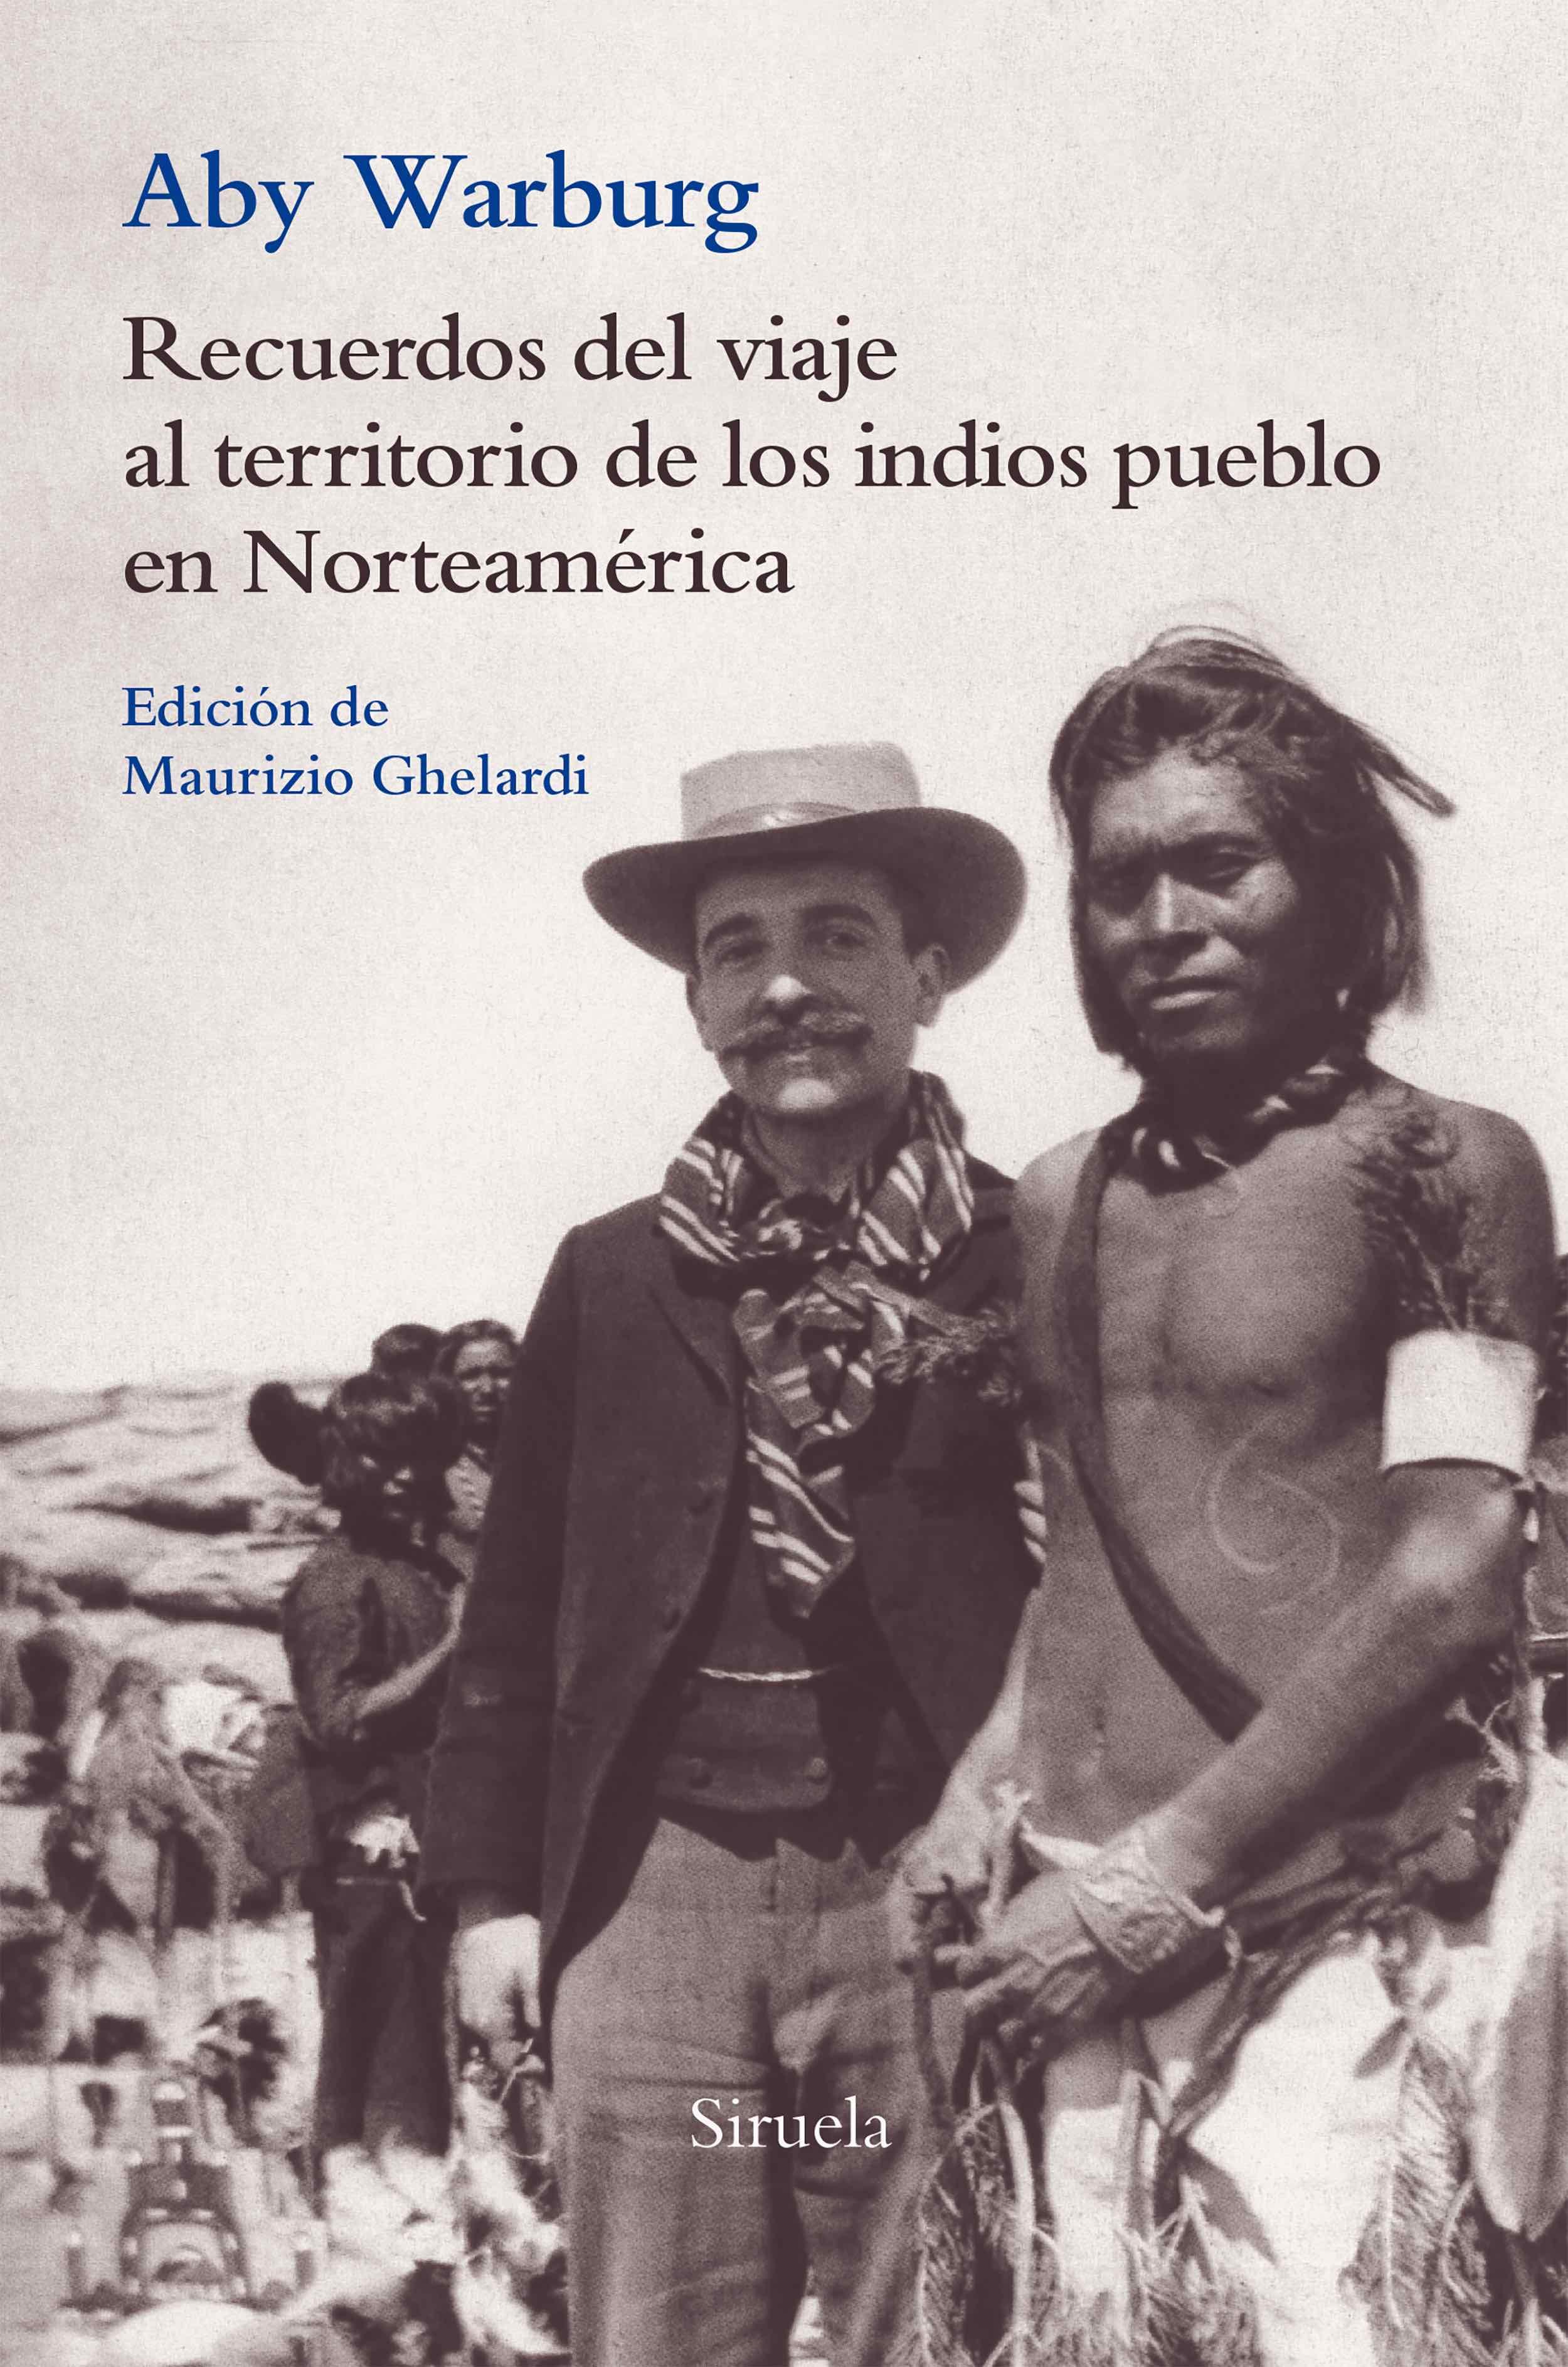 Recuerdos del viaje al territorio de los indios pueblo en Norteamérica